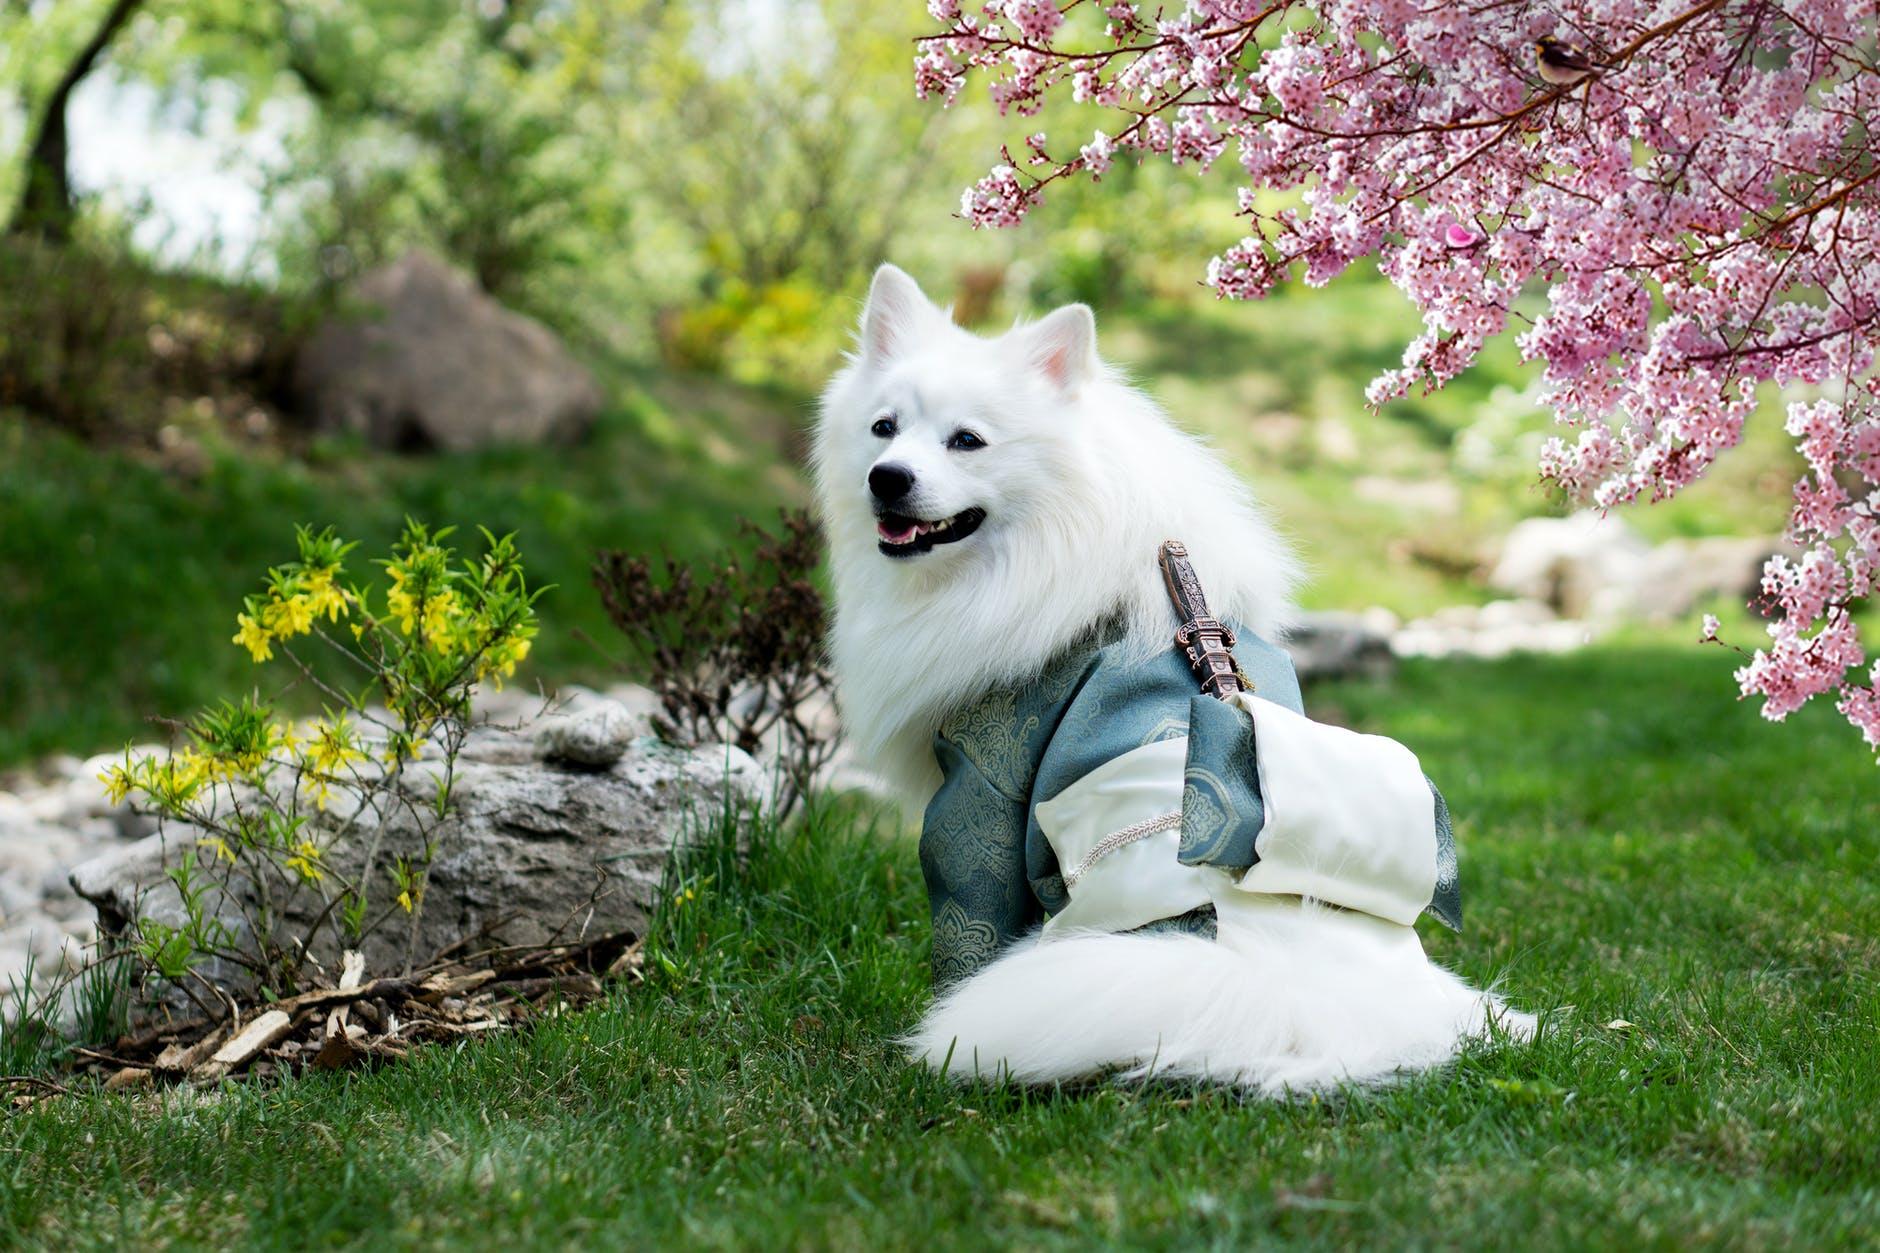 Pourquoi les chiens mangent-ils de l'herbe?